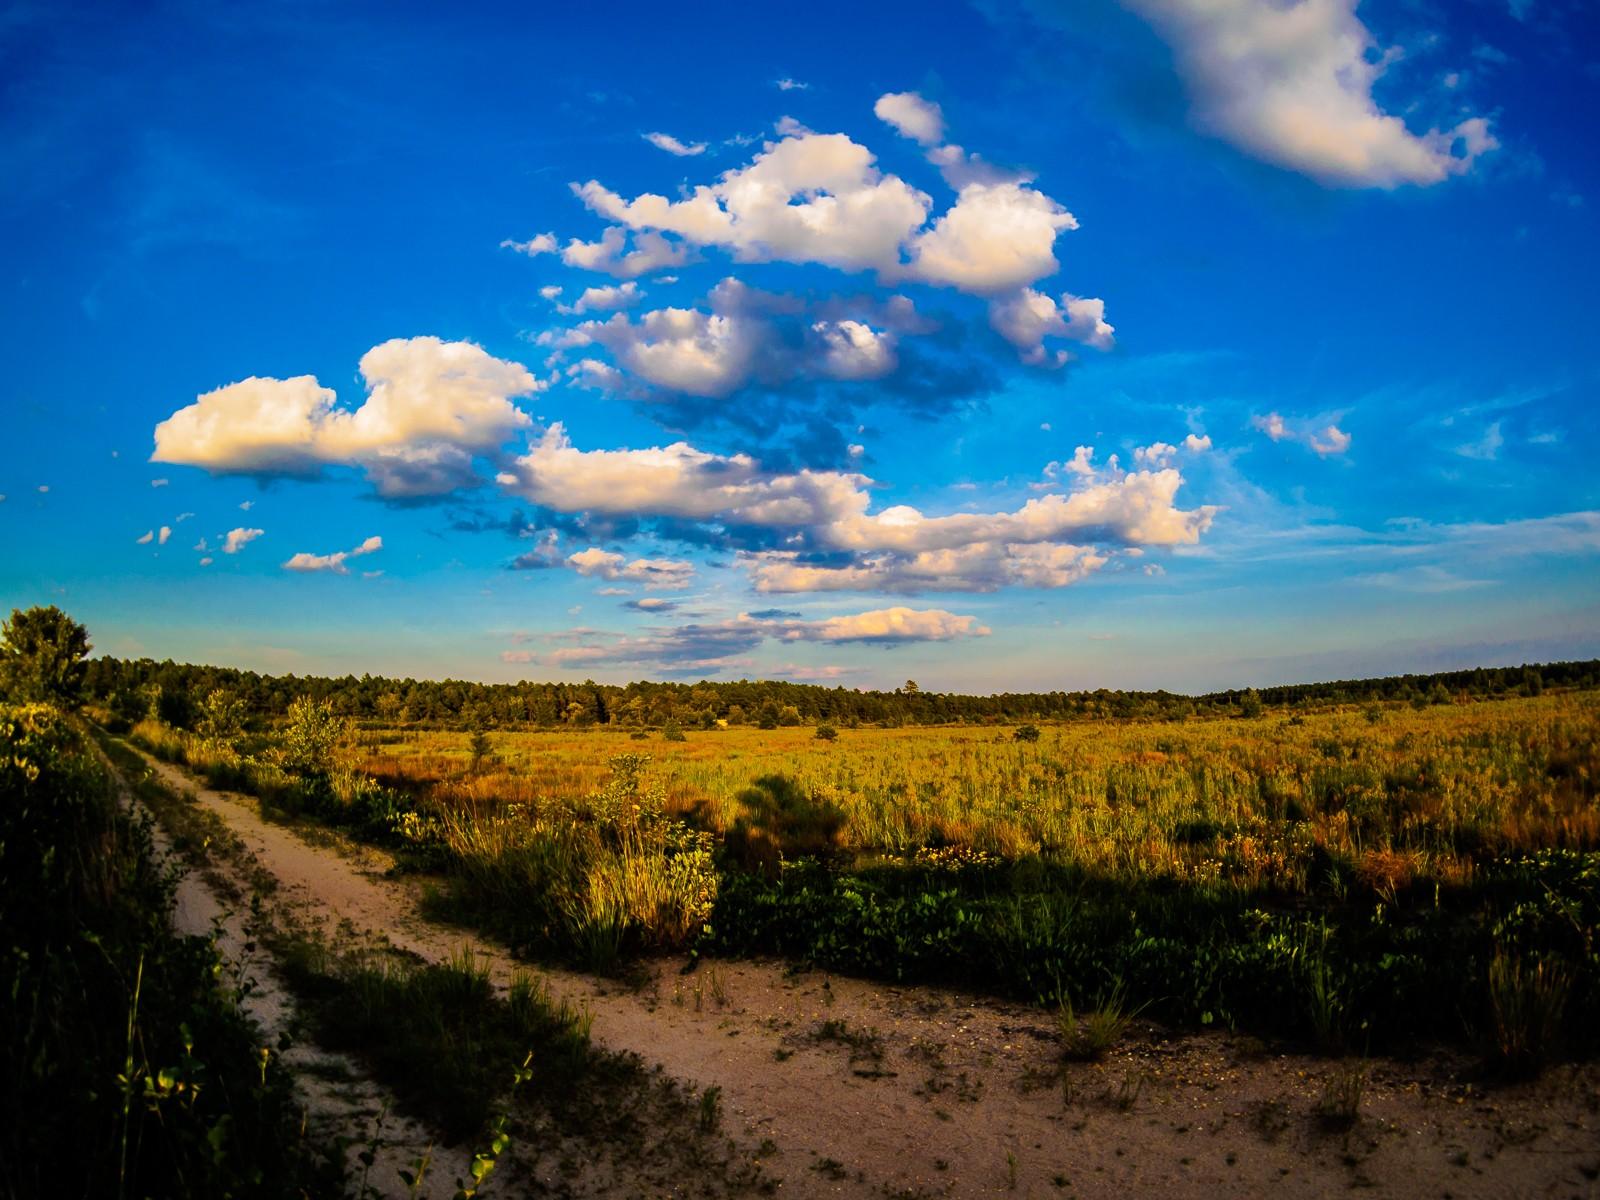 cloudscapes-6611